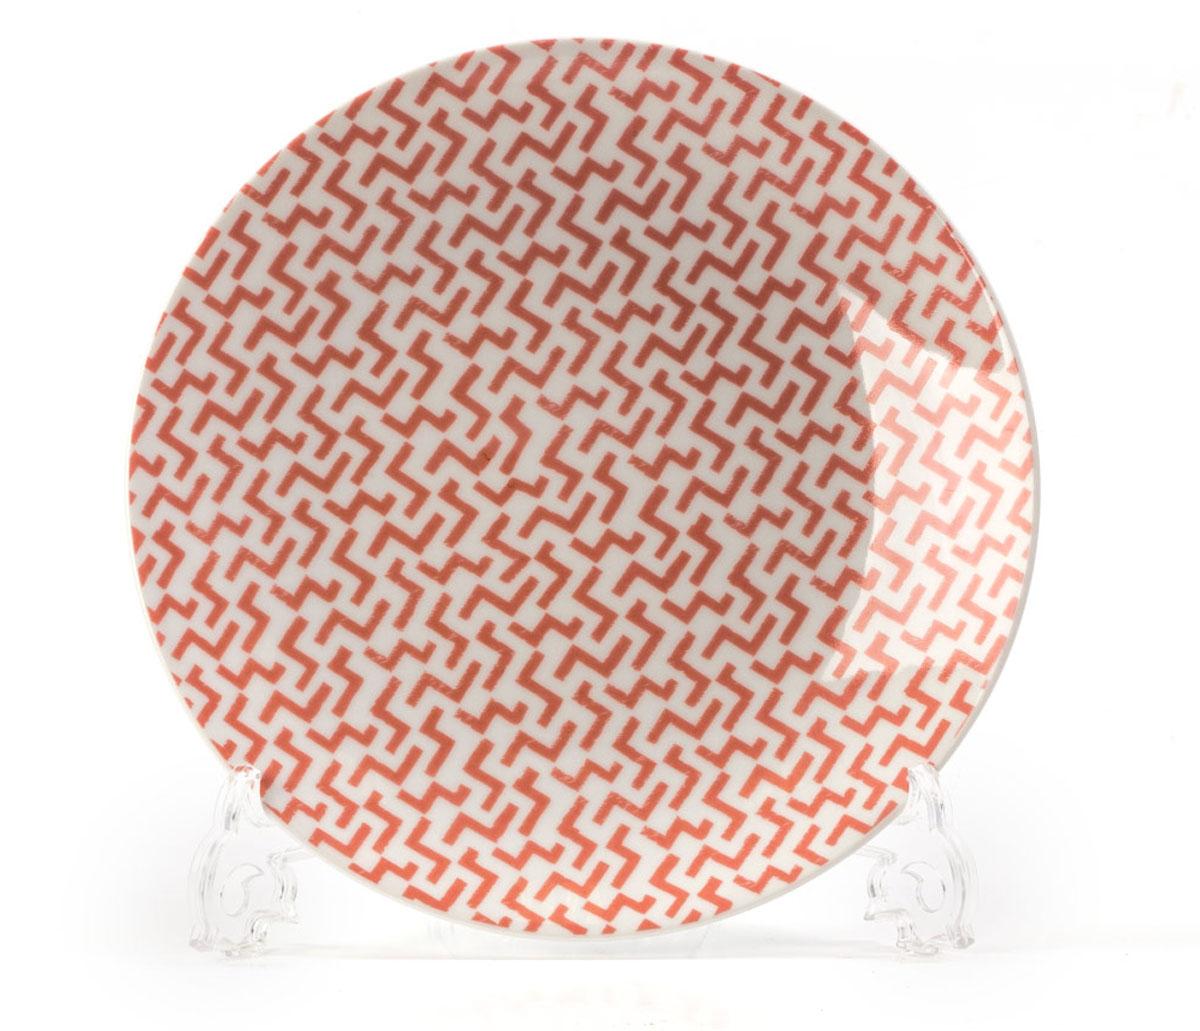 Тарелка La Rose des Sables Лабиринт, цвет: розовый, диаметр 21 см720121 2275Тарелка La Rose des Sables Лабиринт выполнена из тунисского фарфора,изготовленного из уникальной белой глины, которую добывают во французскойпровинции Лимож. Фарфоровая тарелка из знаменитой Лиможской глины.Фарфор превосходного качества. Благодаря двойному термическому обжигу,этот тонкостенный фарфор обладает высокой ударопрочностью,жаропрочностью и великолепным блеском глазури. Тарелка идеально подходит для повседневного использования. Отличносмотрится в любом интерьере.Можно использовать в СВЧ печи и мыть в посудомоечной машине. Диаметр: 21 см.